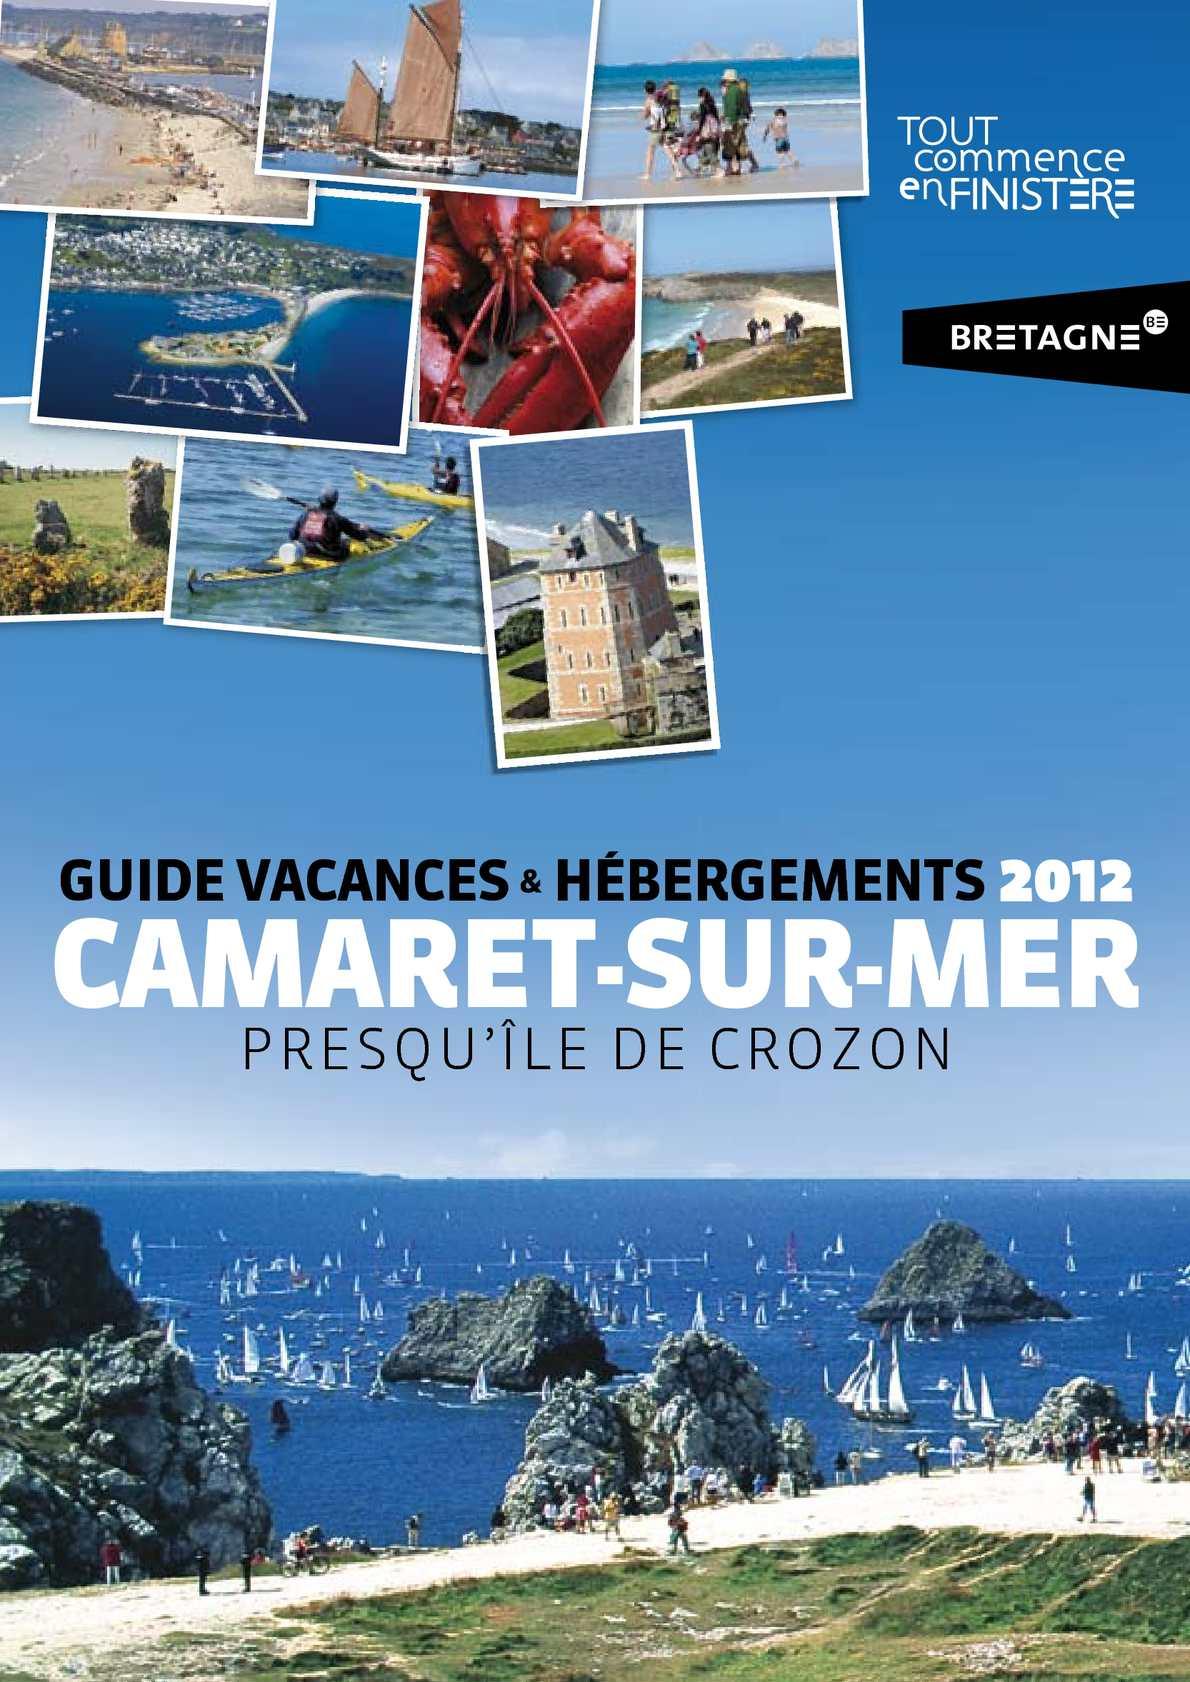 Calaméo Guide Vacances Et Hébergements 2012 Camaret Sur Mer